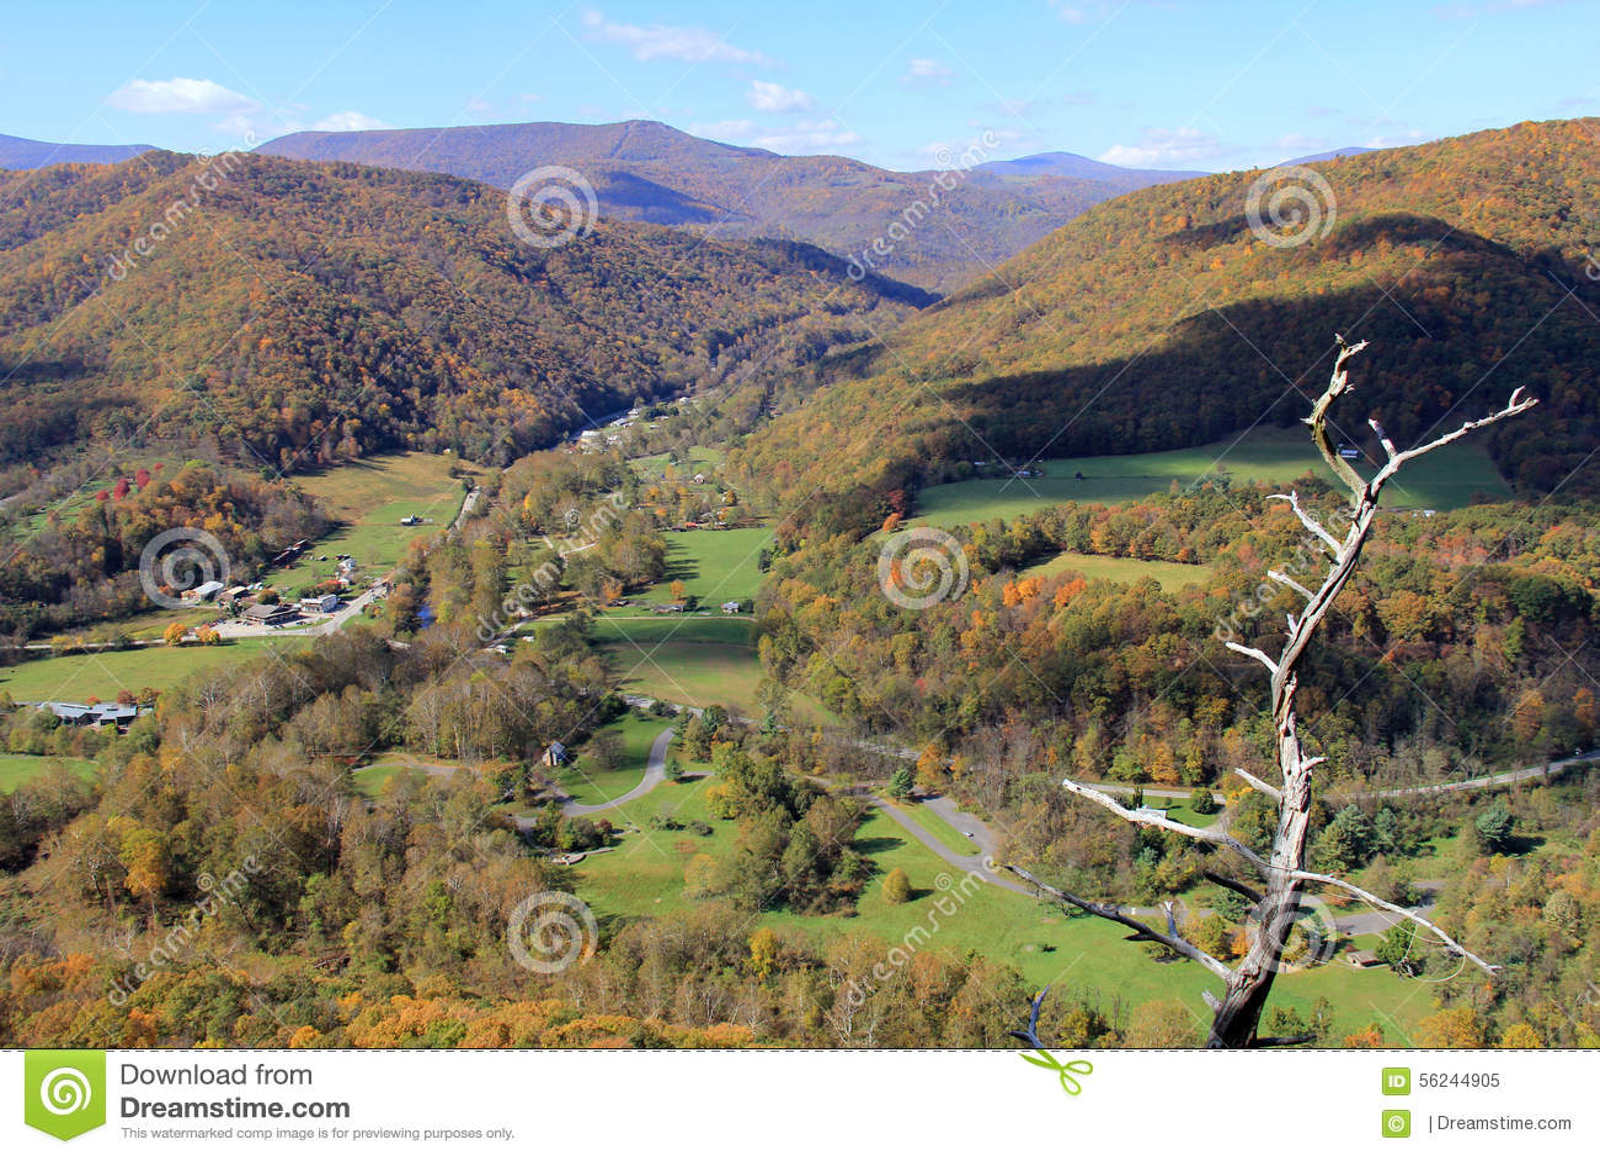 在秋天的塞内卡岩石-阿巴拉契亚山脉-西维吉尼亚,美国